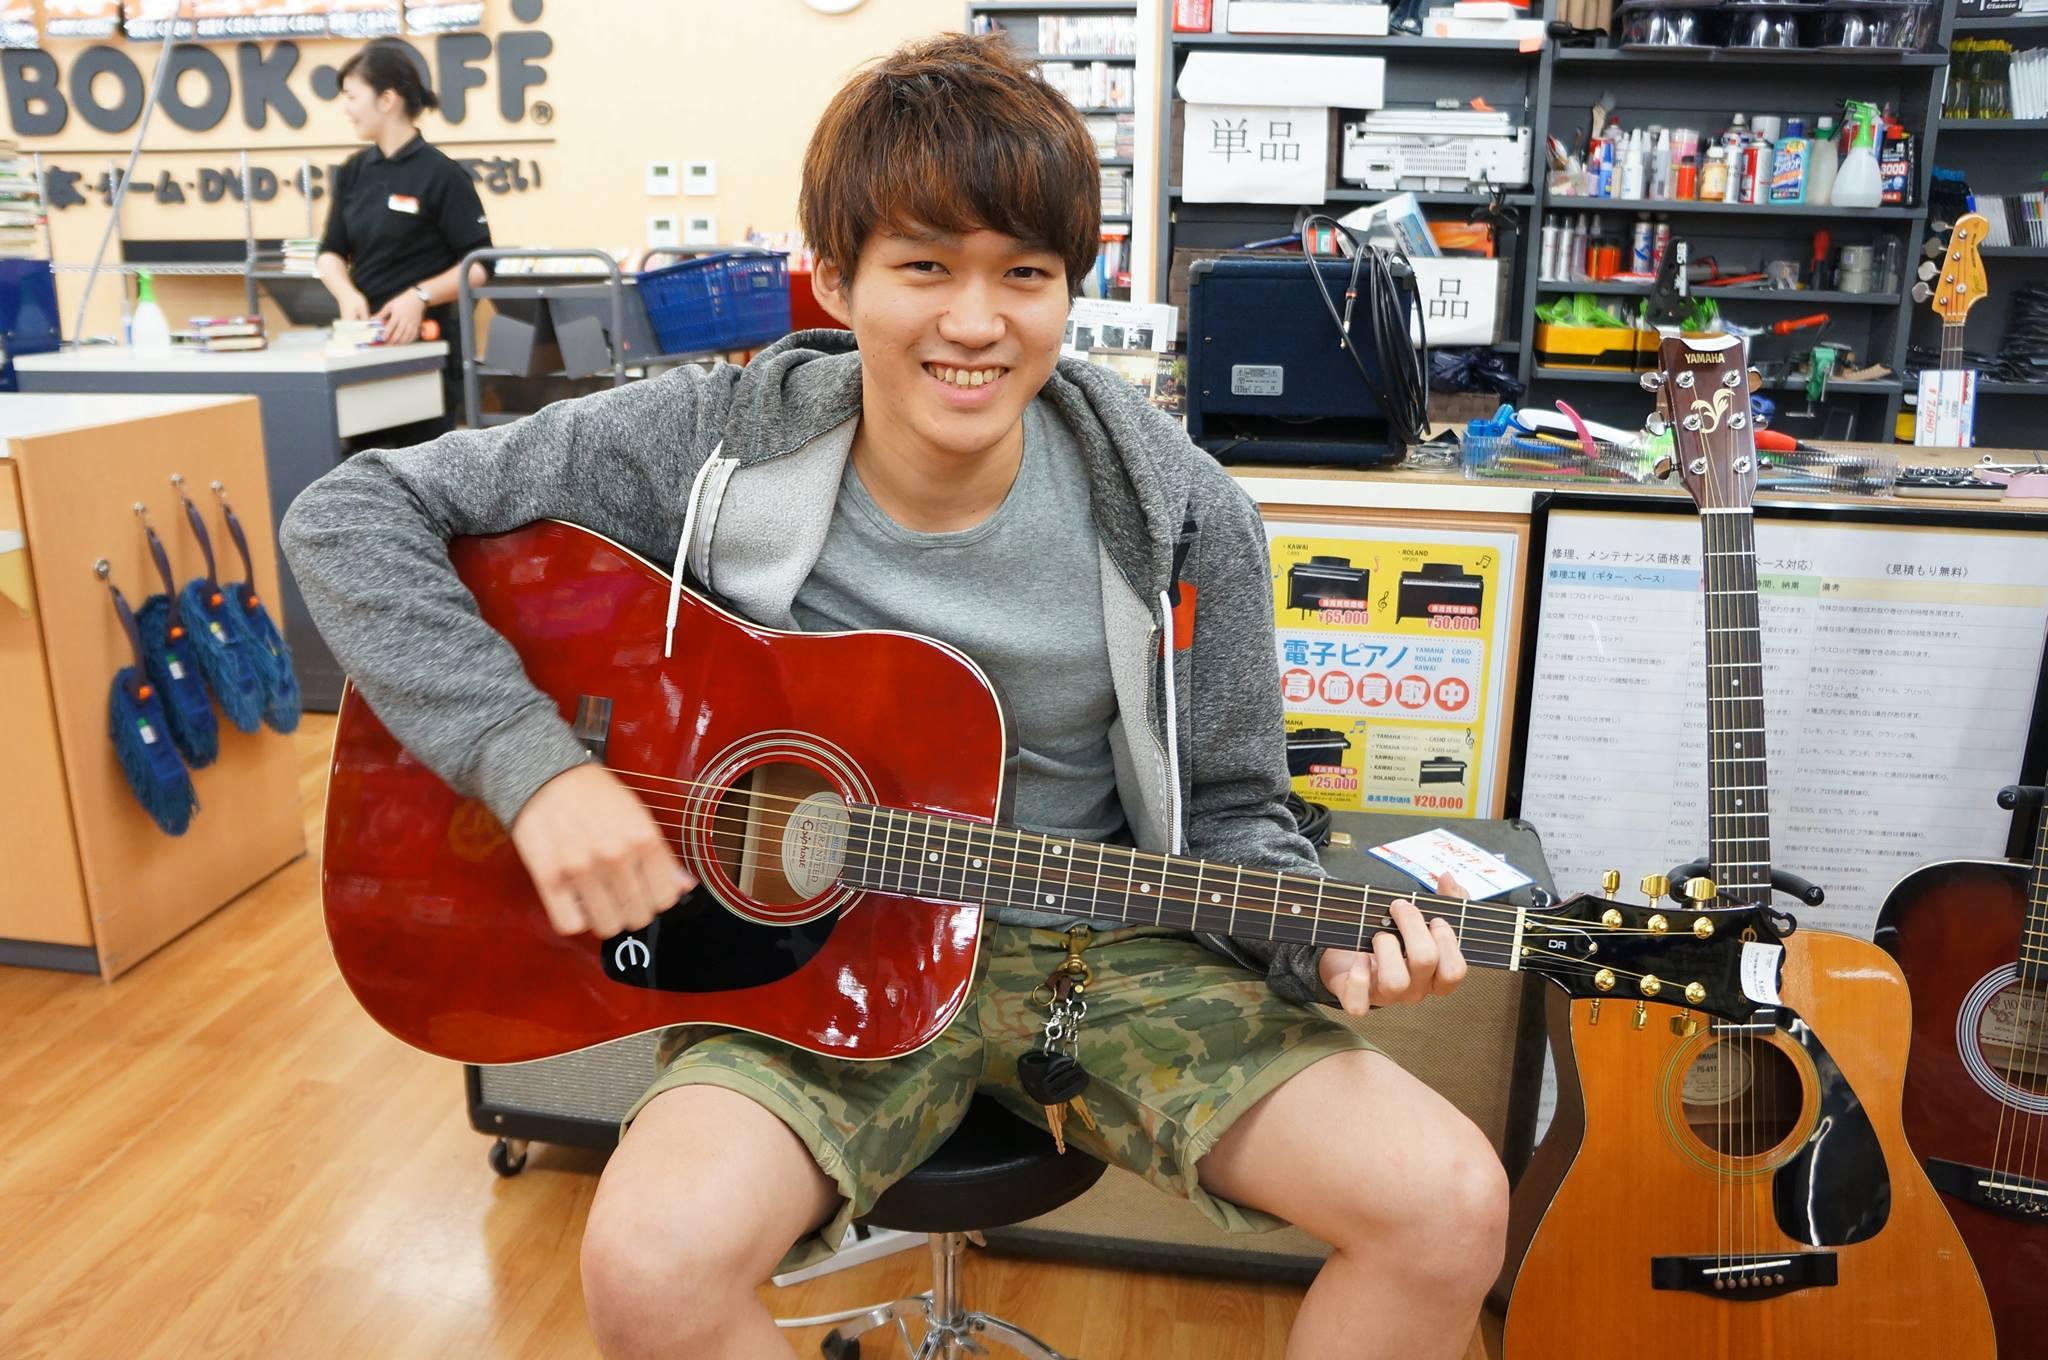 ブックオフでギターを試奏する写真2